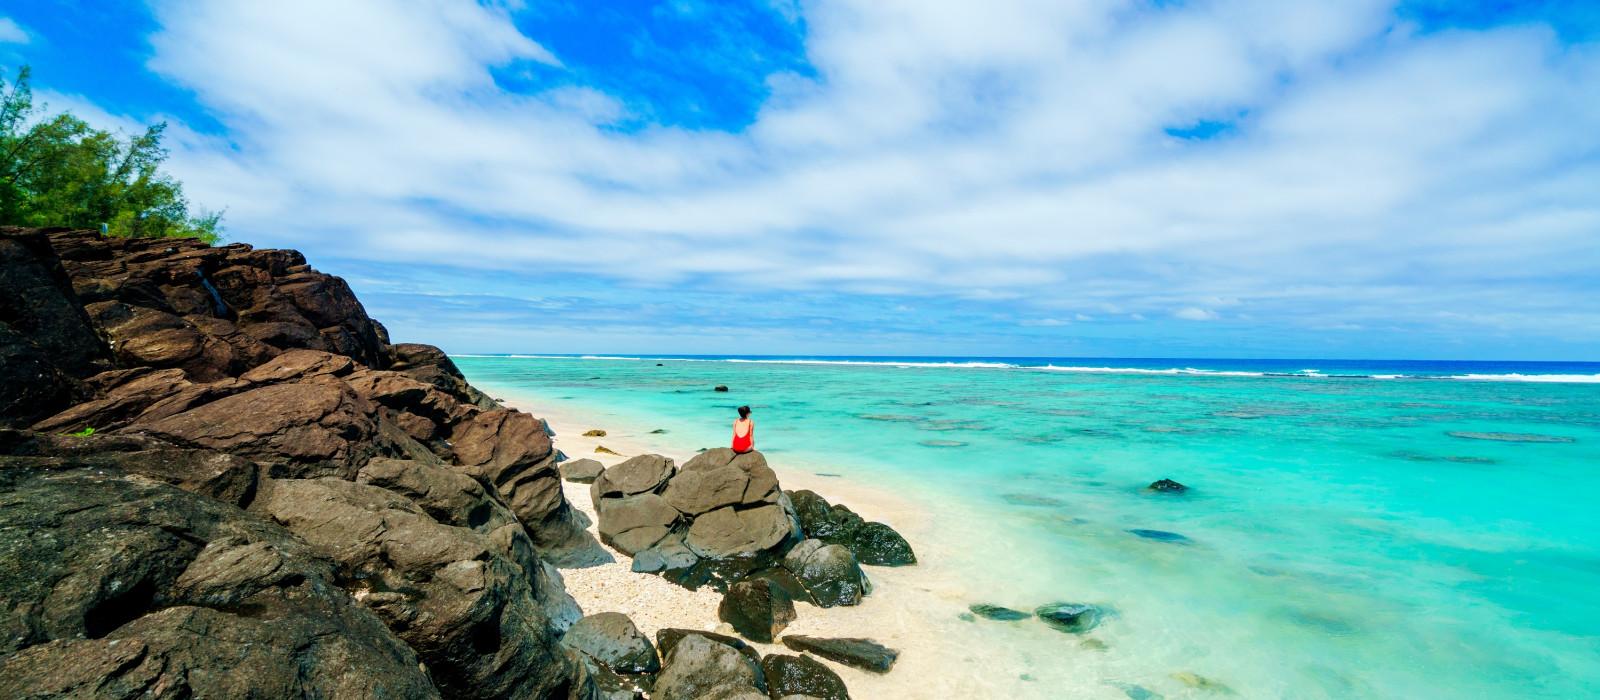 Cook Islands: Rarotonga, Aitutaki and Atiu Island-hopping Tour Trip 1